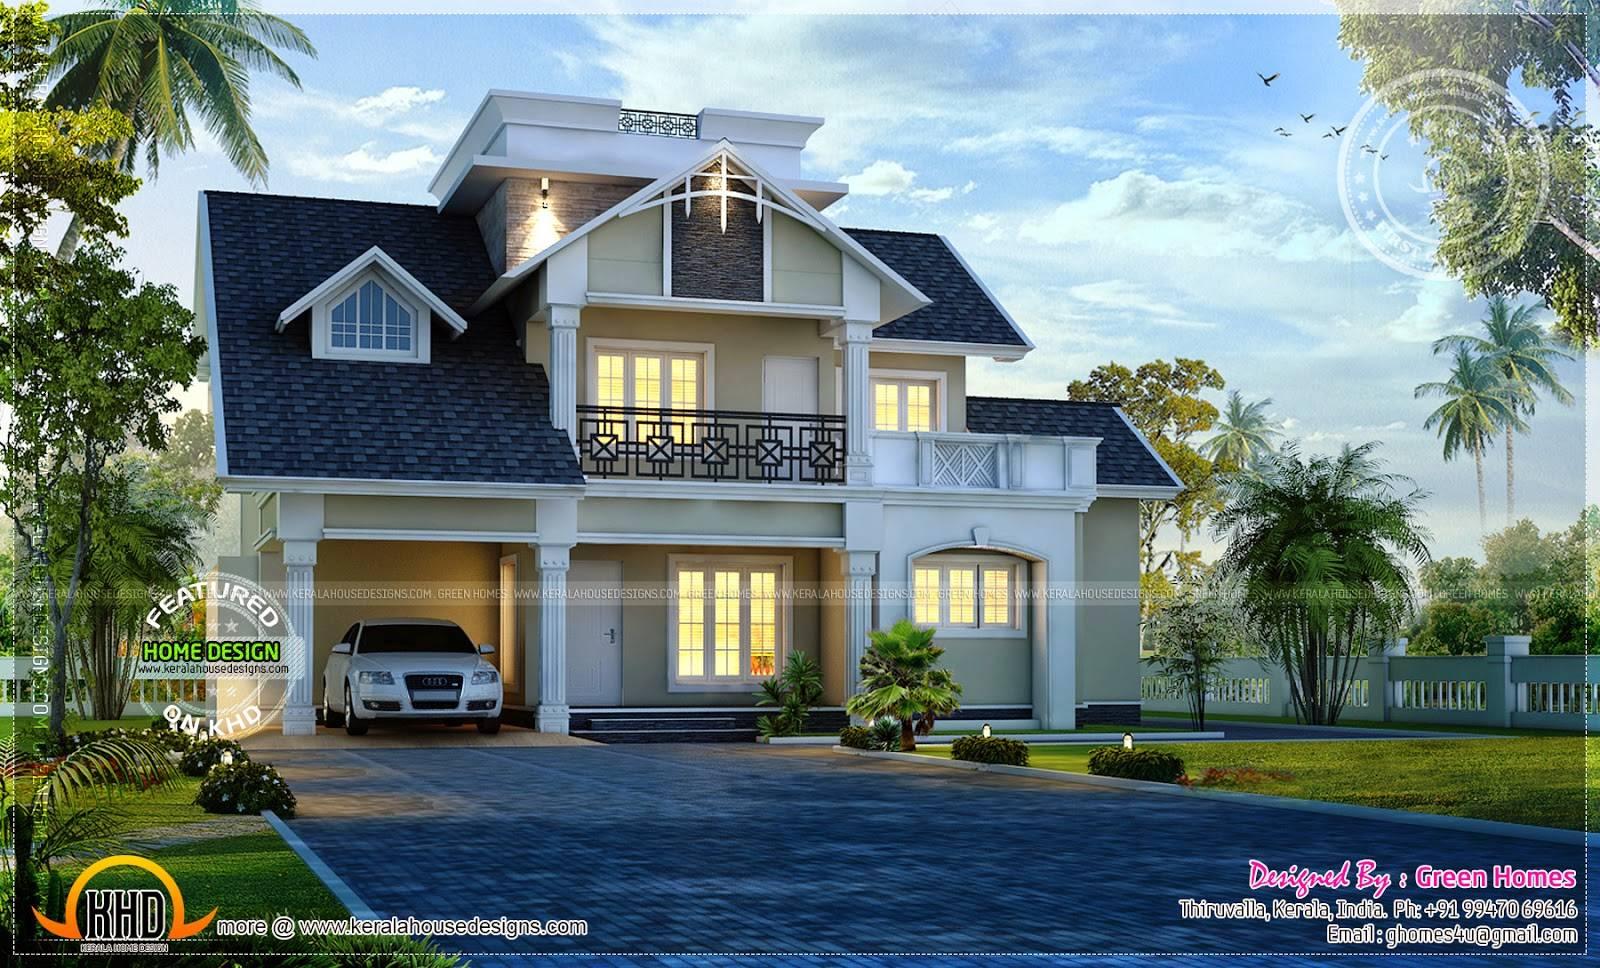 Contemporary Modular Home Plans   Modern Houses Interior And Exterior